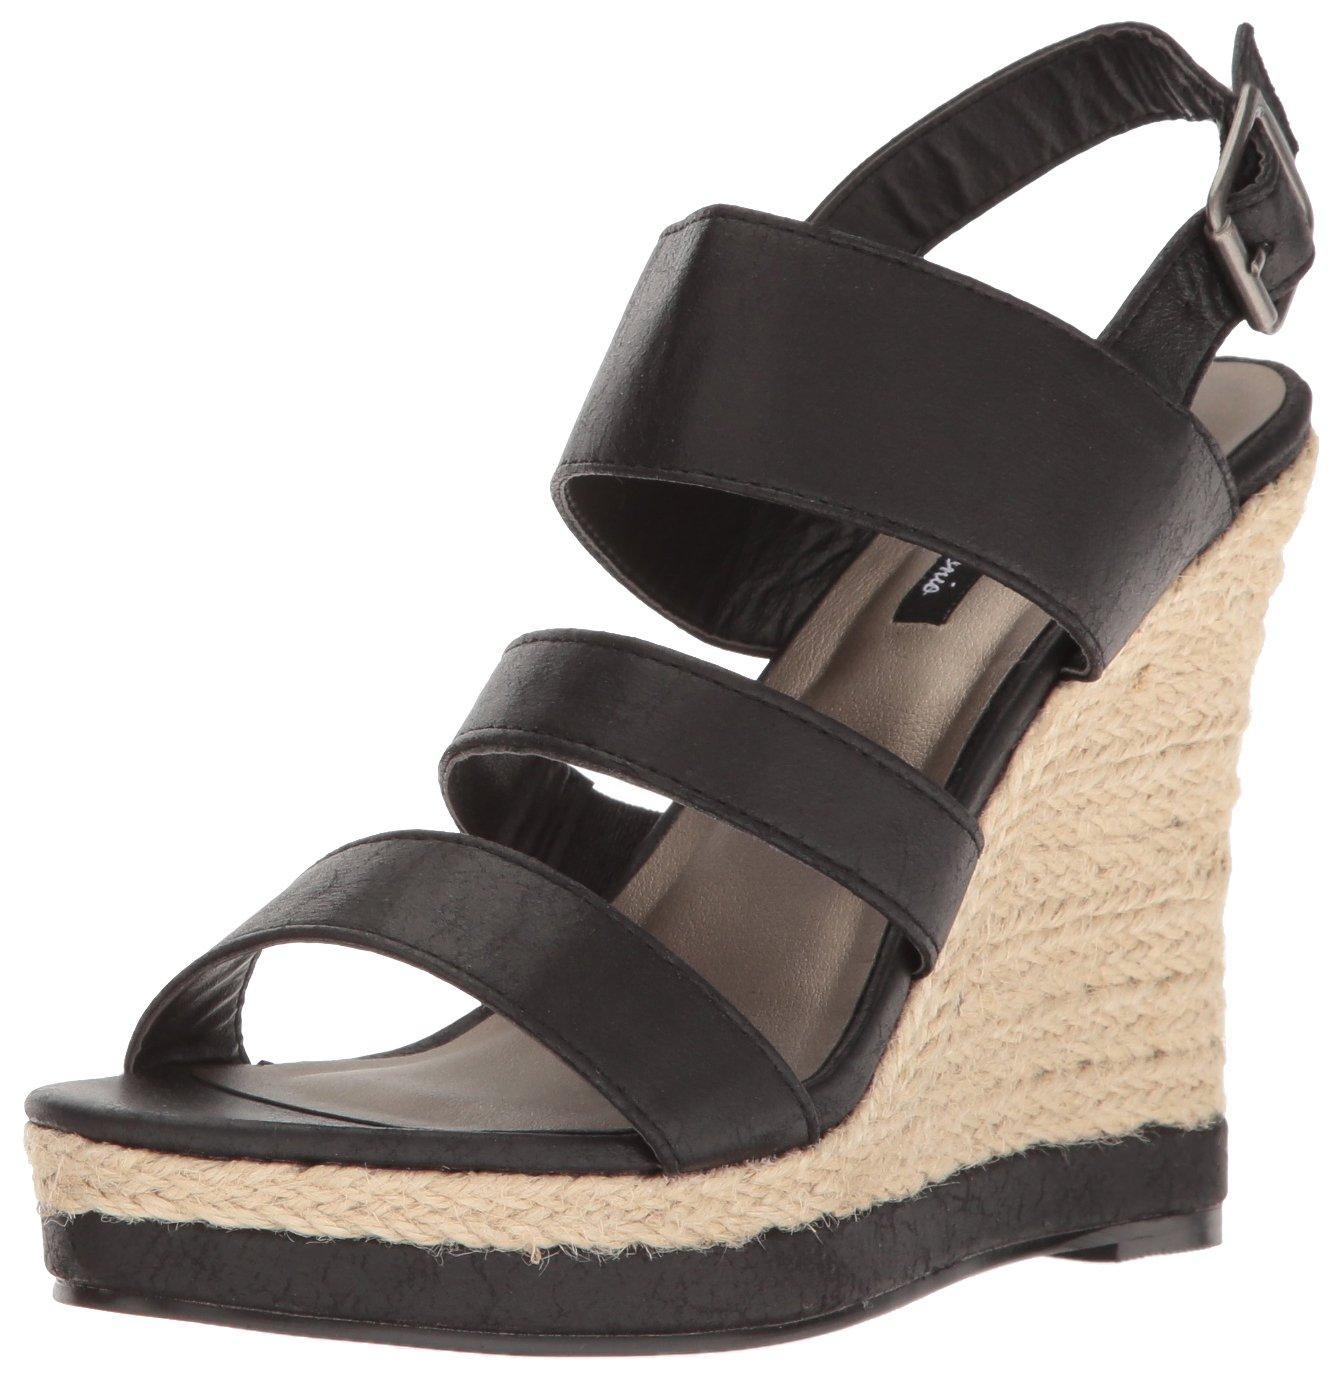 Michael Antonio Women's Givs Espadrille Wedge Sandal B01N3W5AE4 9 B(M) US|Black